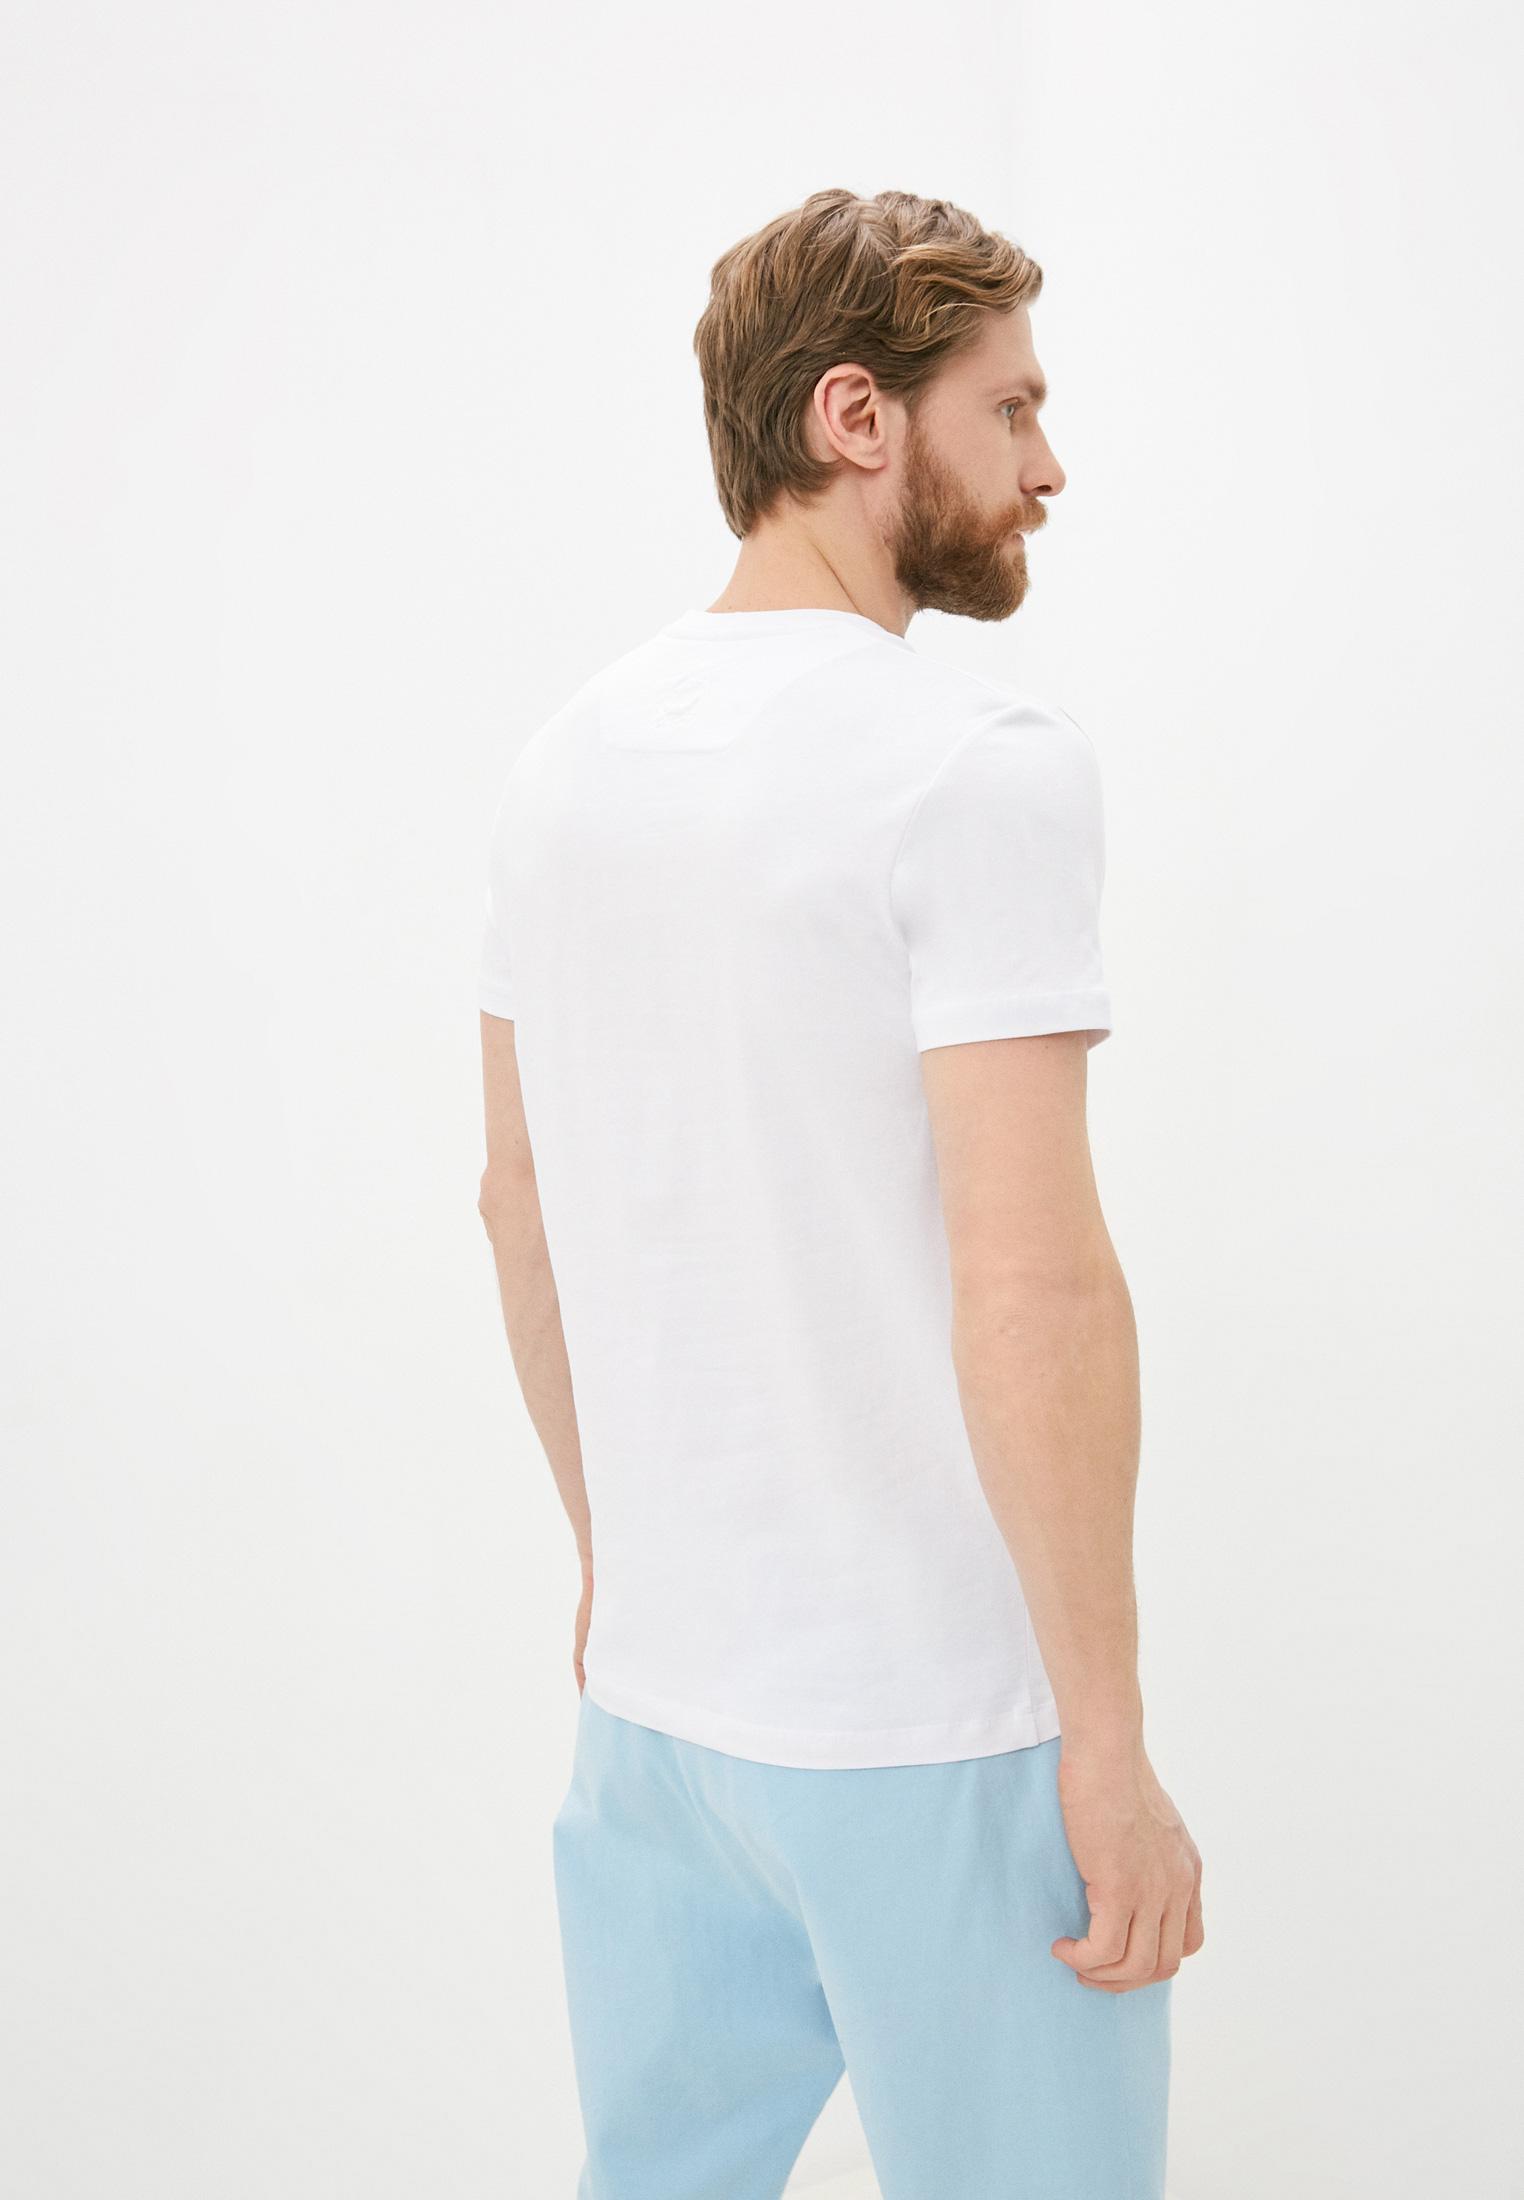 Мужская футболка Bikkembergs (Биккембергс) C 4 101 07 E 2231: изображение 4